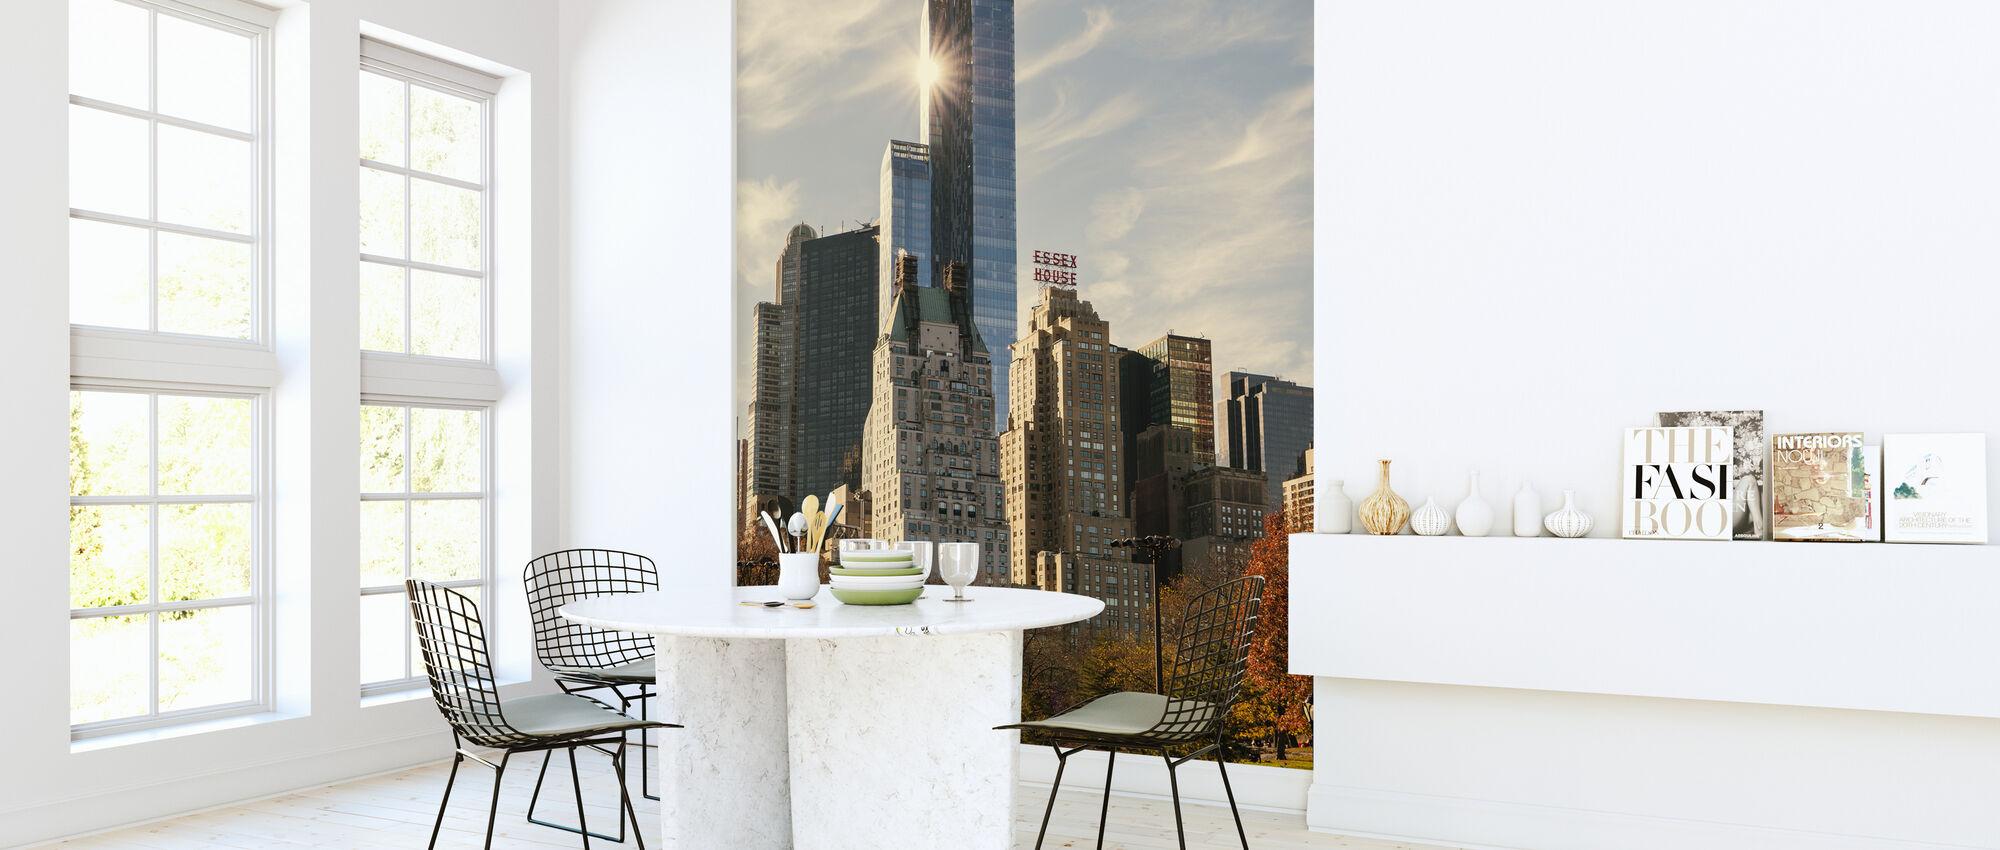 Autumn in New York - Wallpaper - Kitchen